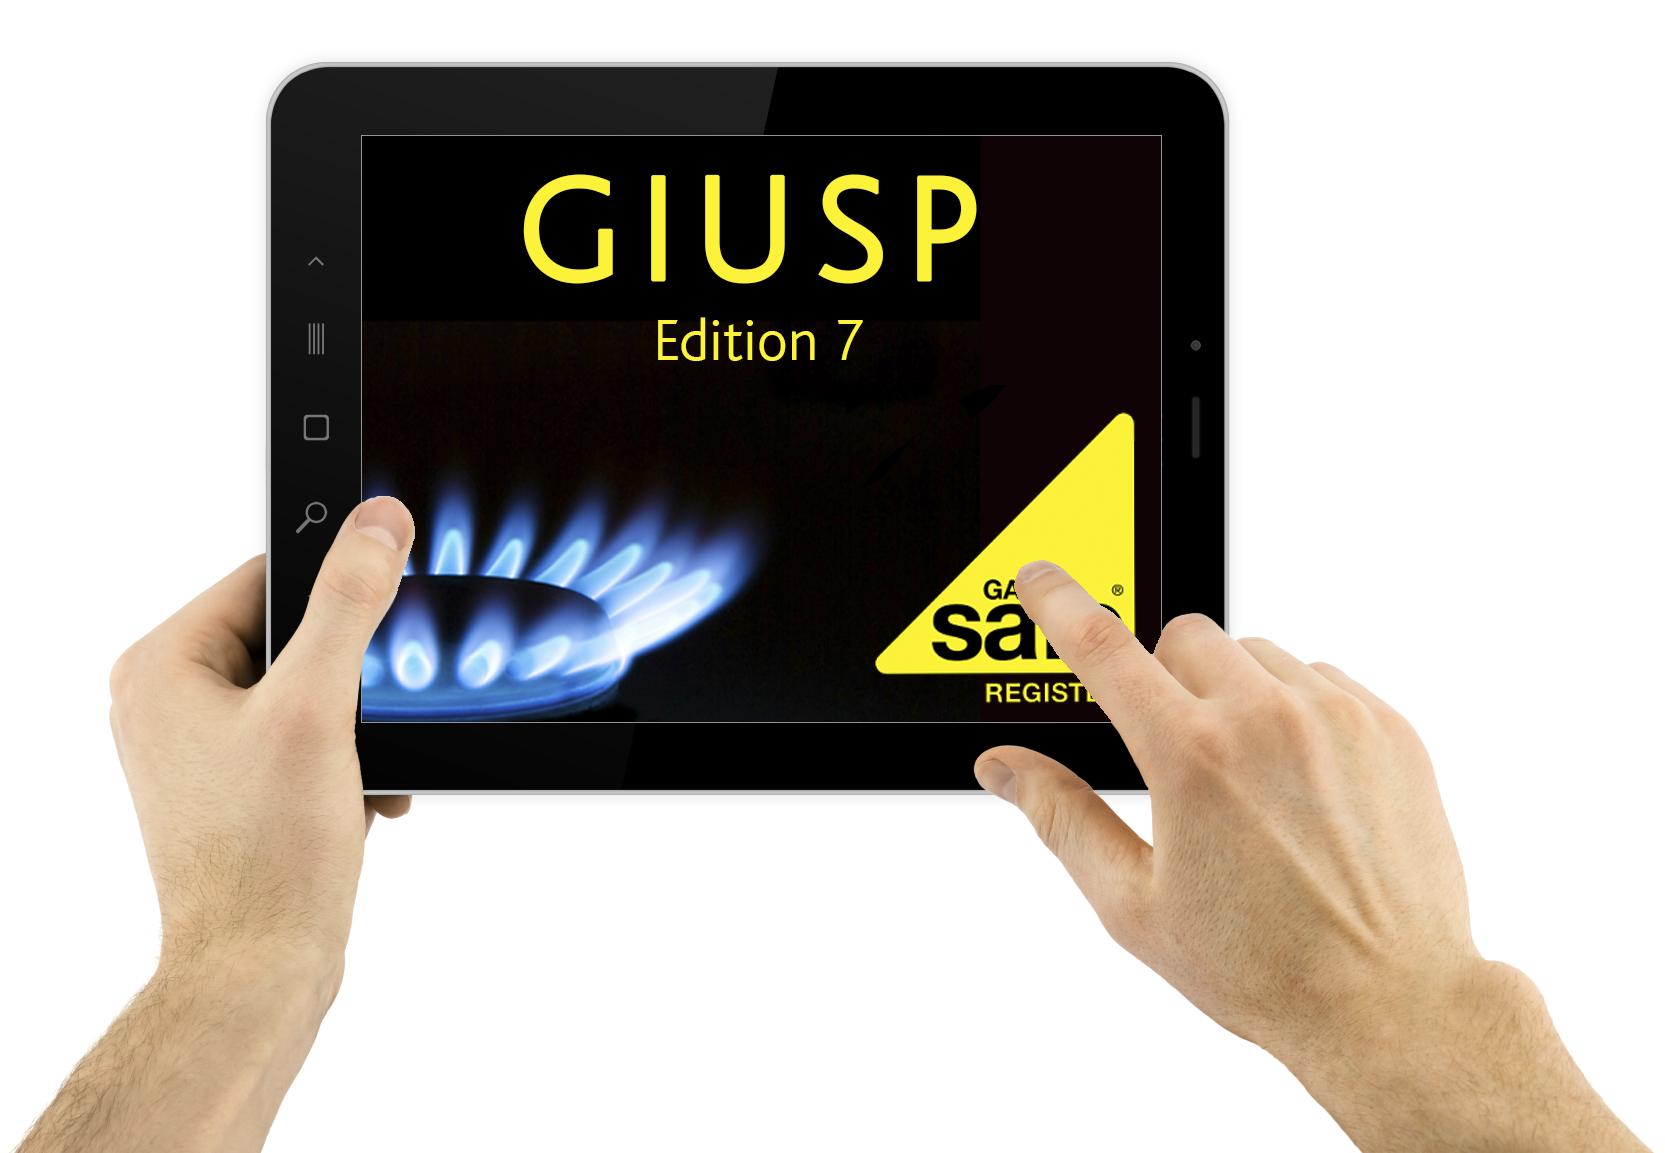 GIUSP Online Course